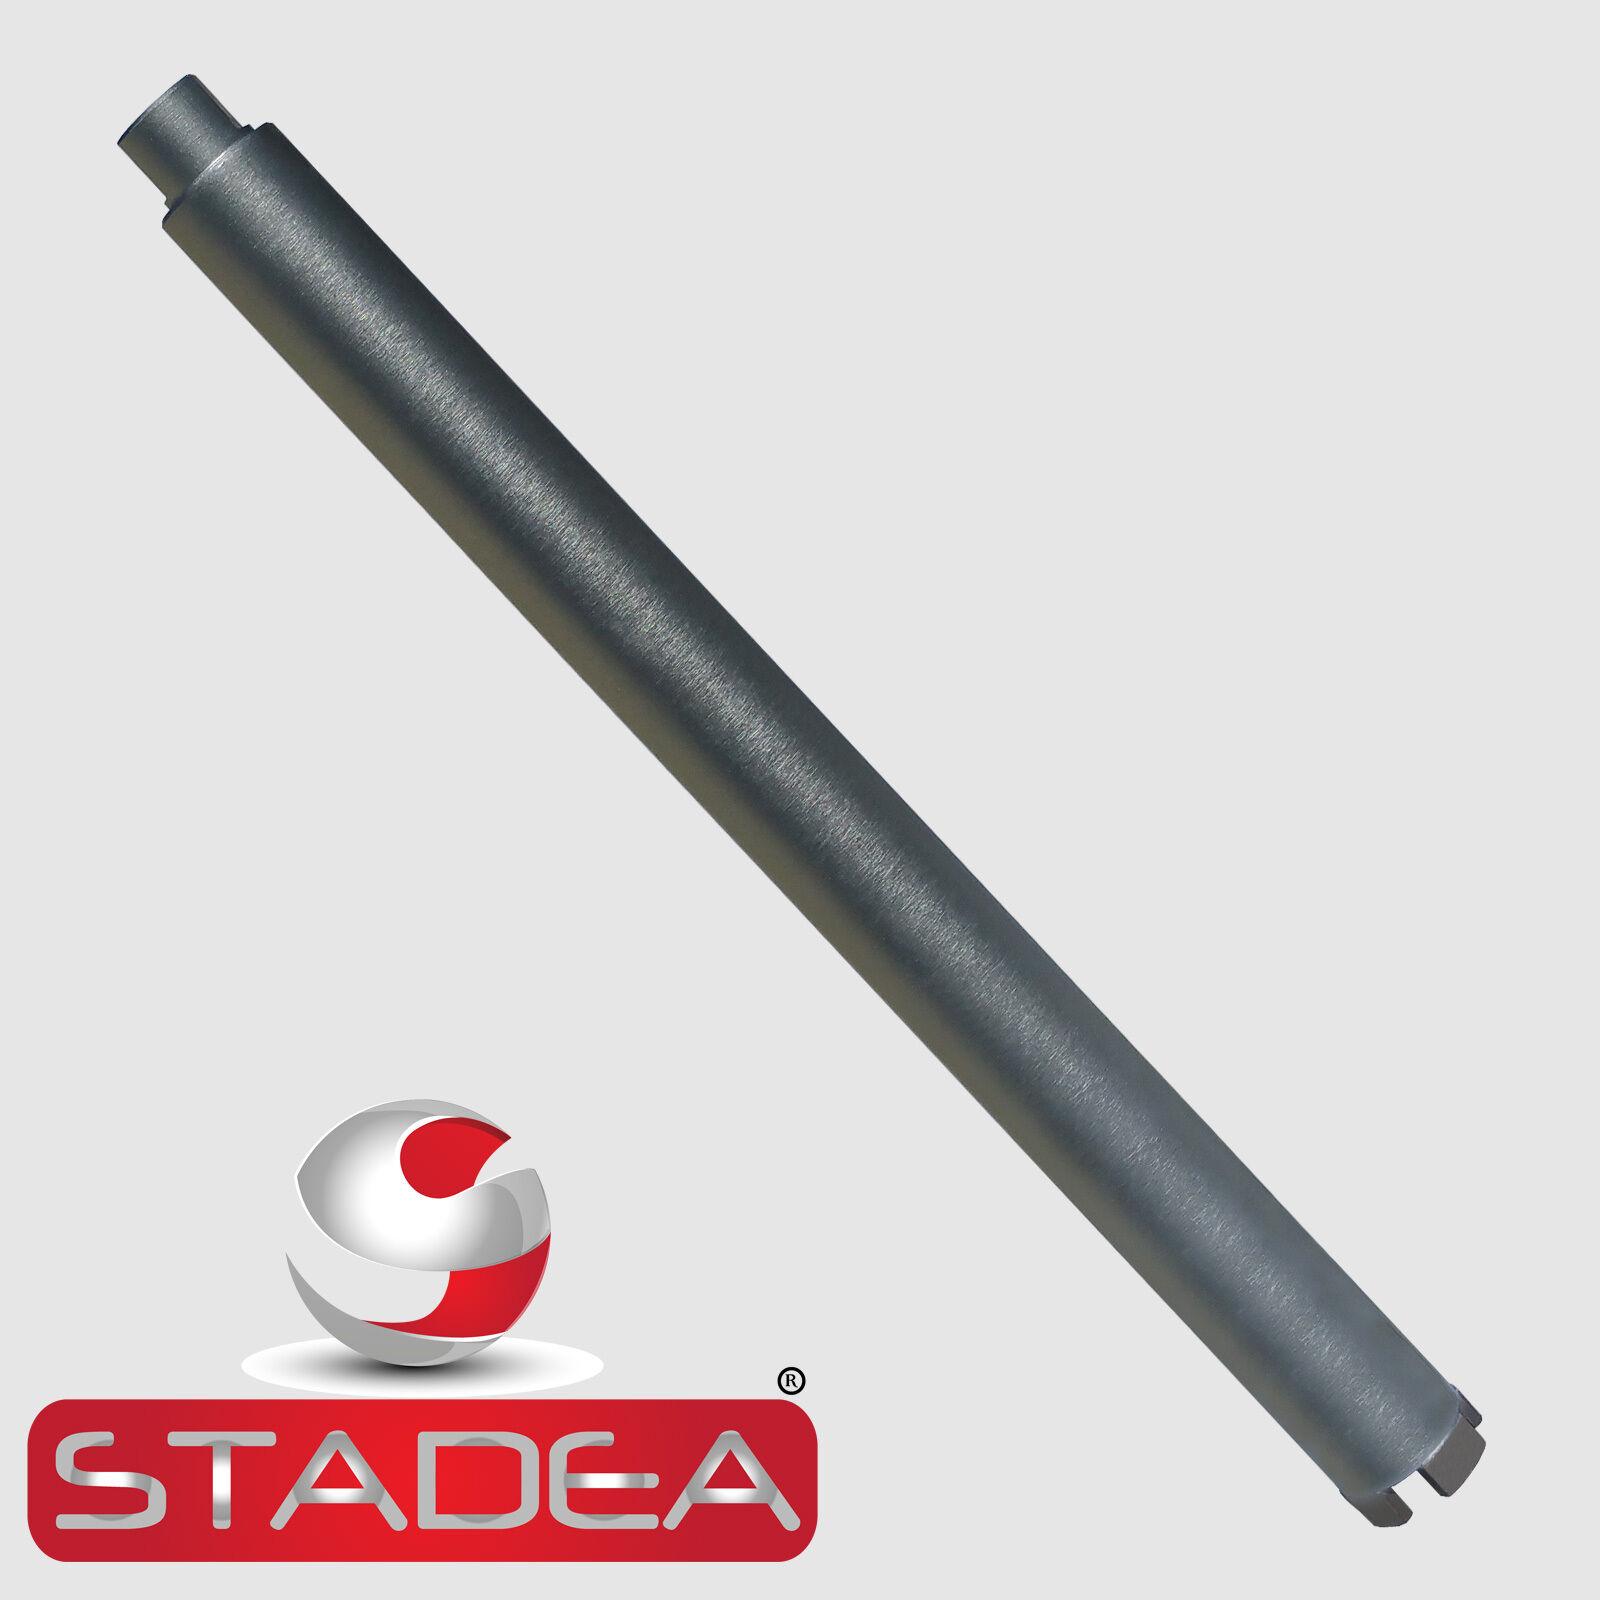 Details about Stadea Concrete Core Drill Bit 1 1/2